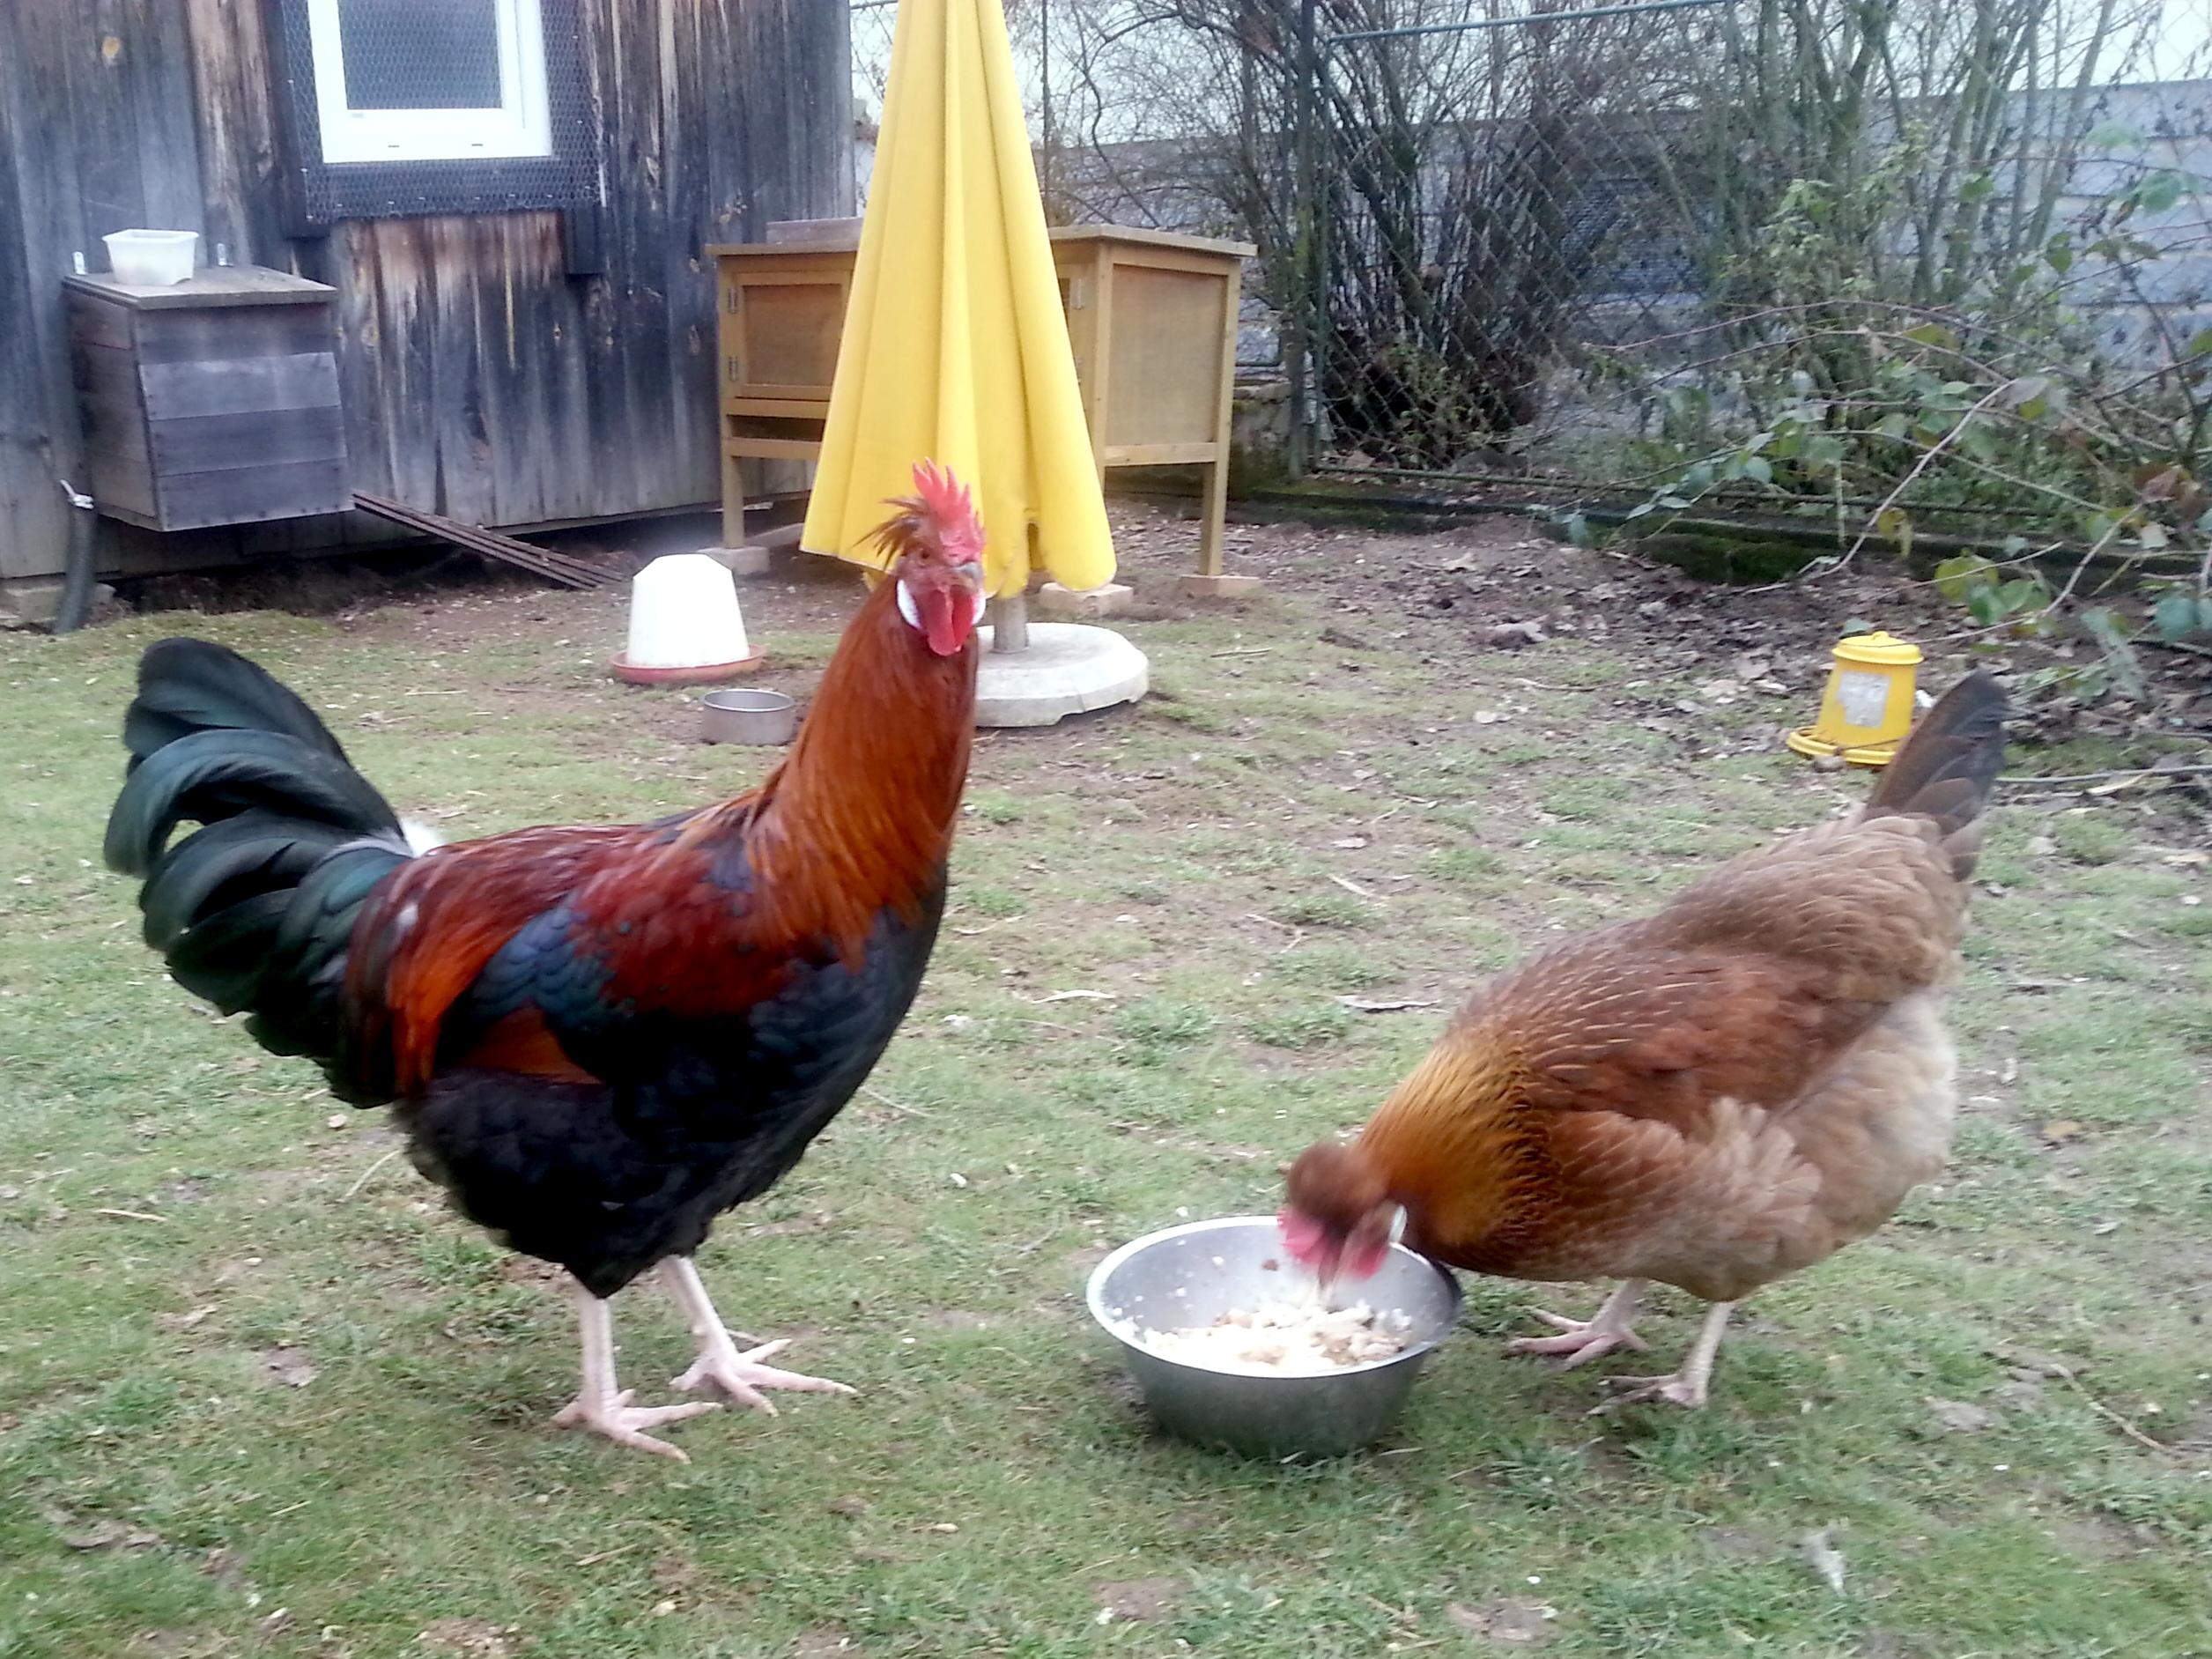 Brauchen wir einen Hahn, oder doch nicht?